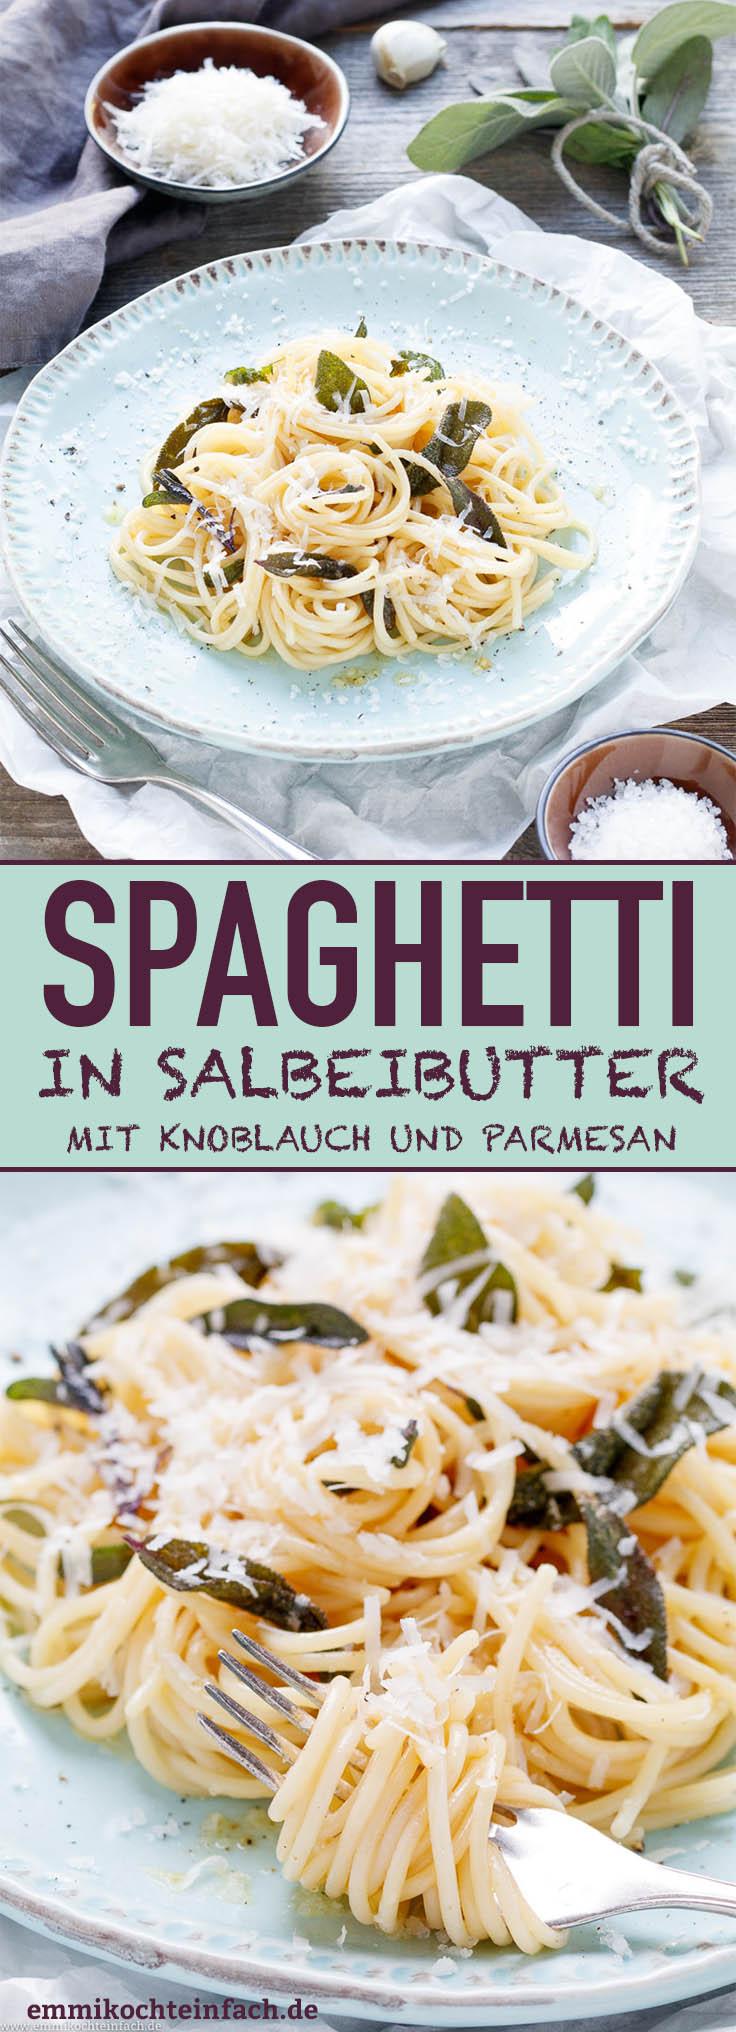 Spaghetti in Salbeibutter - www.emmikochteinfach.de